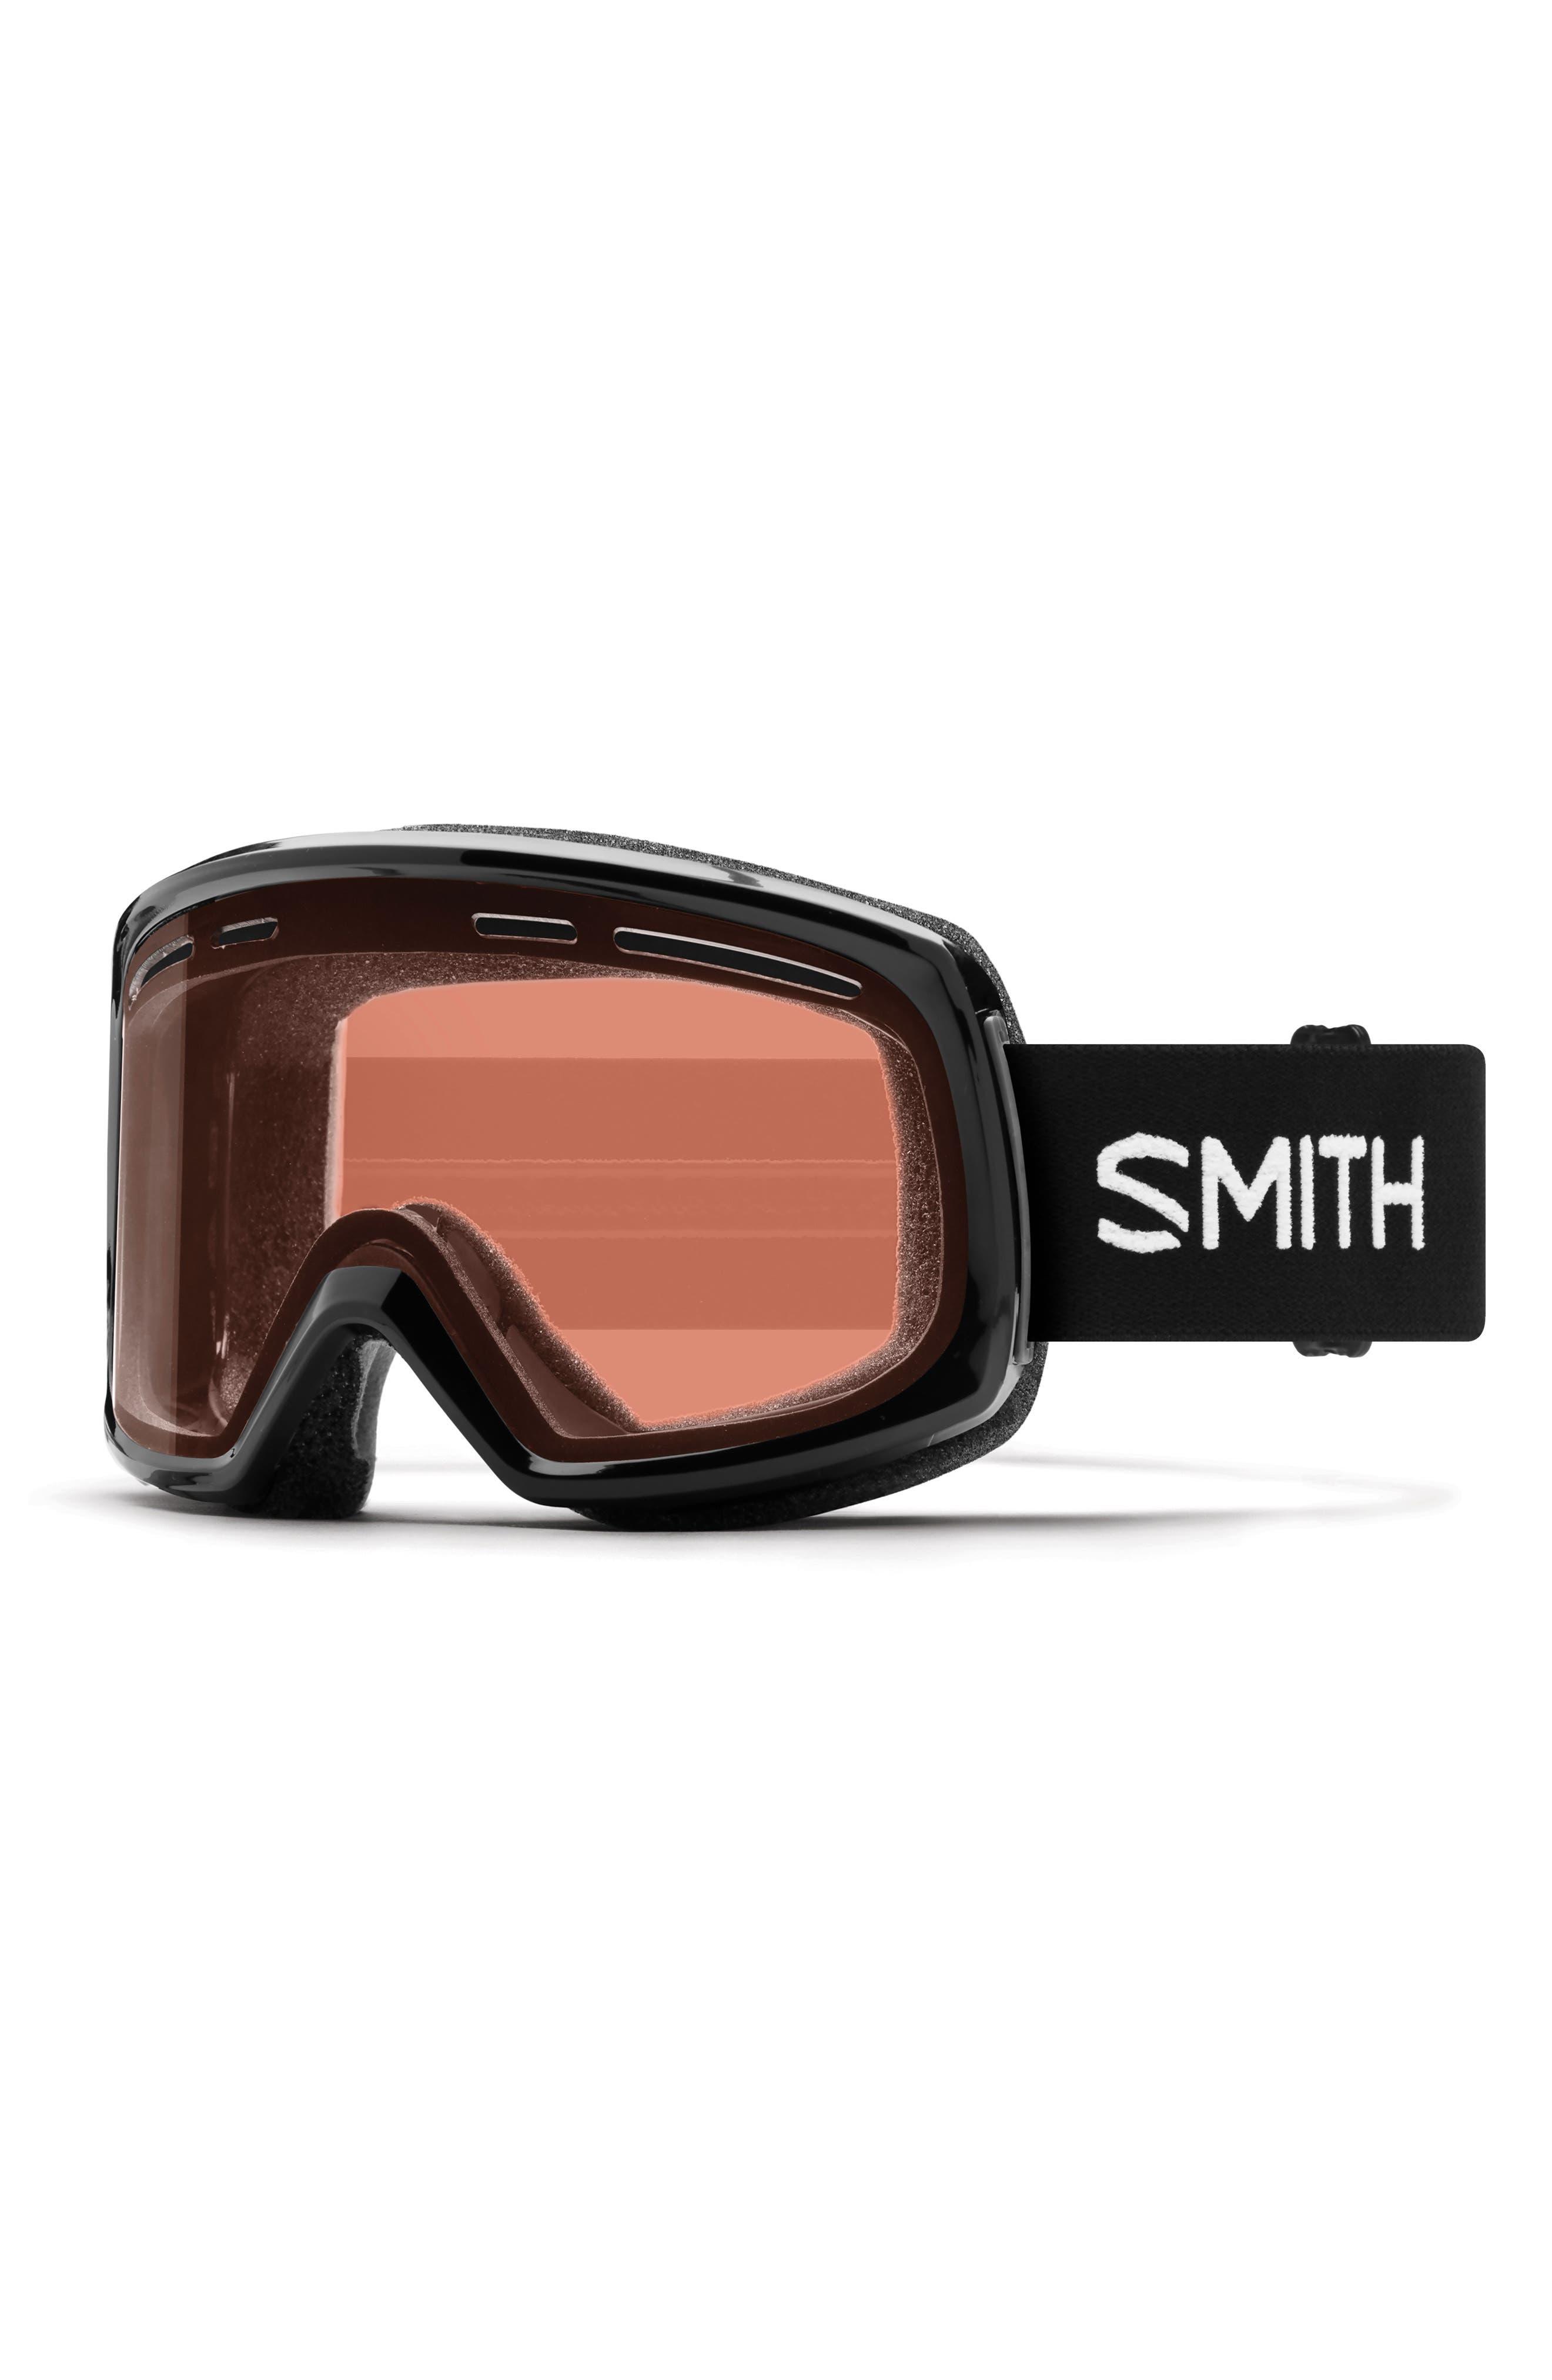 Smith Range Snow Goggles